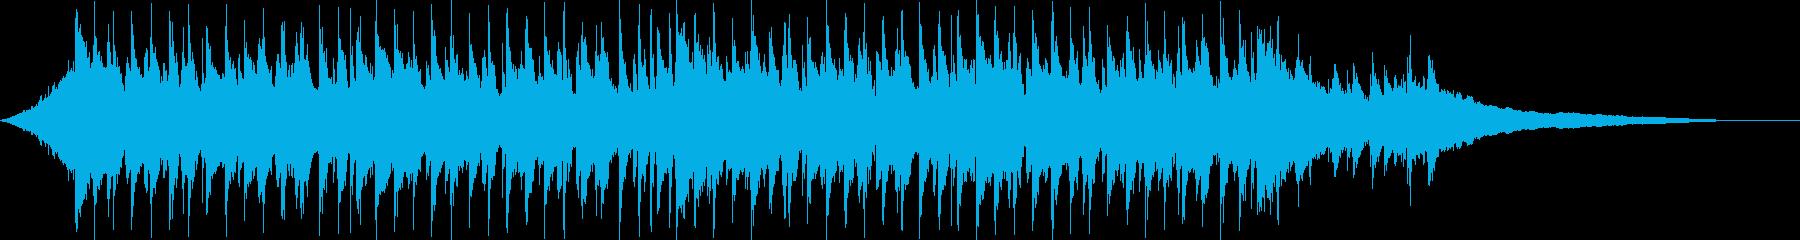 CM30秒、ウクレレ、爽快、疾走感、口笛の再生済みの波形